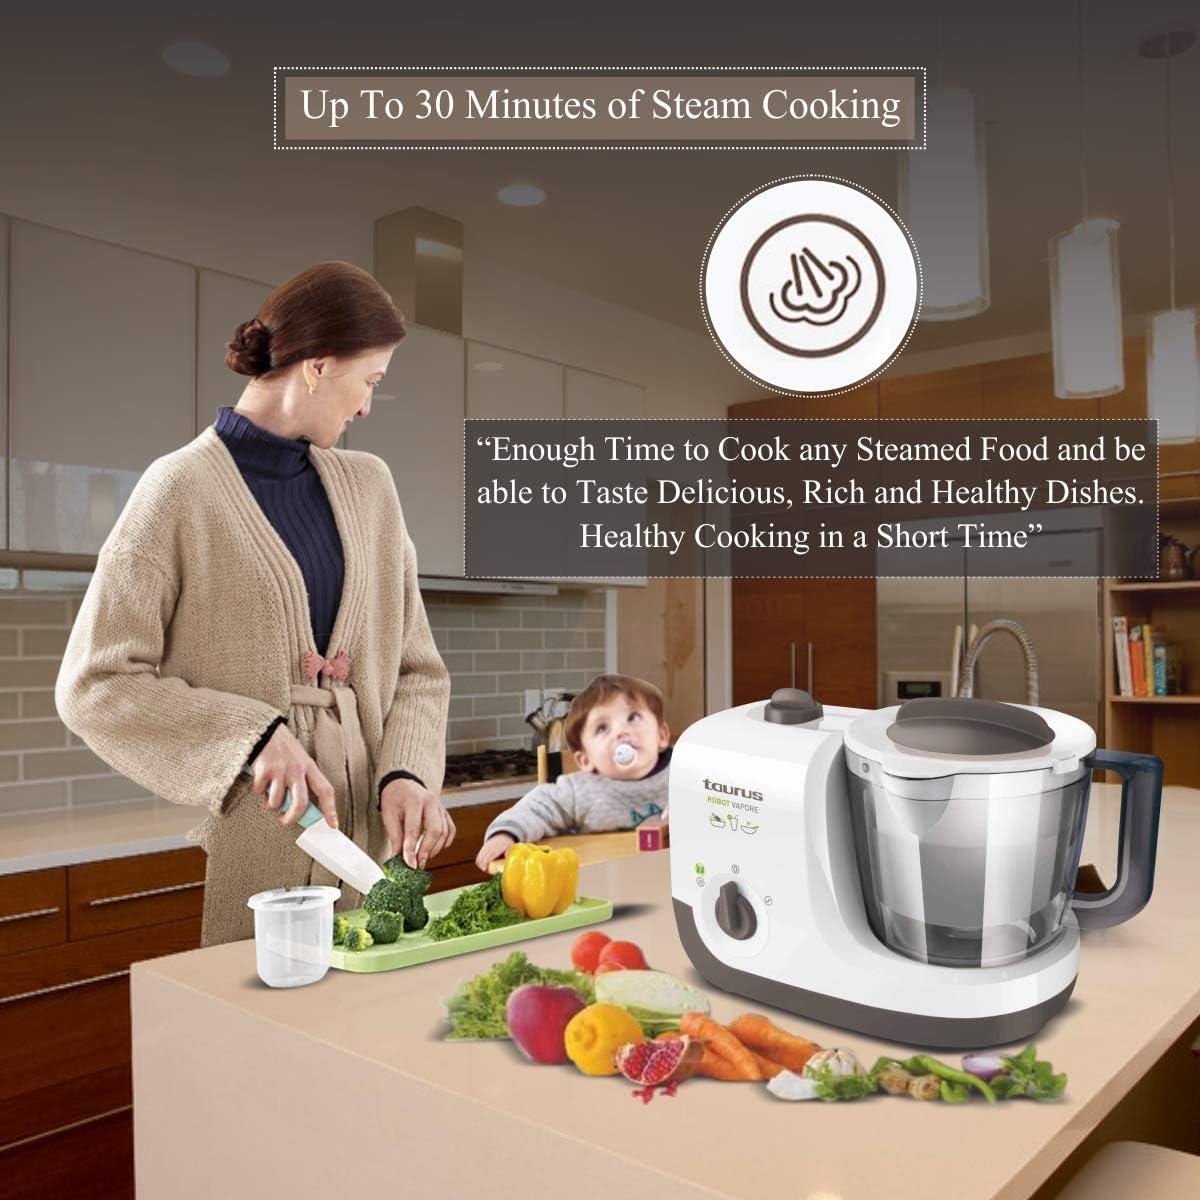 Taurus 925004000 Robot Al Vapor, 750 W, 1.7 litros, 0 Decibelios, PU|Plástico sin BPA|Acero inoxidable: Amazon.es: Hogar